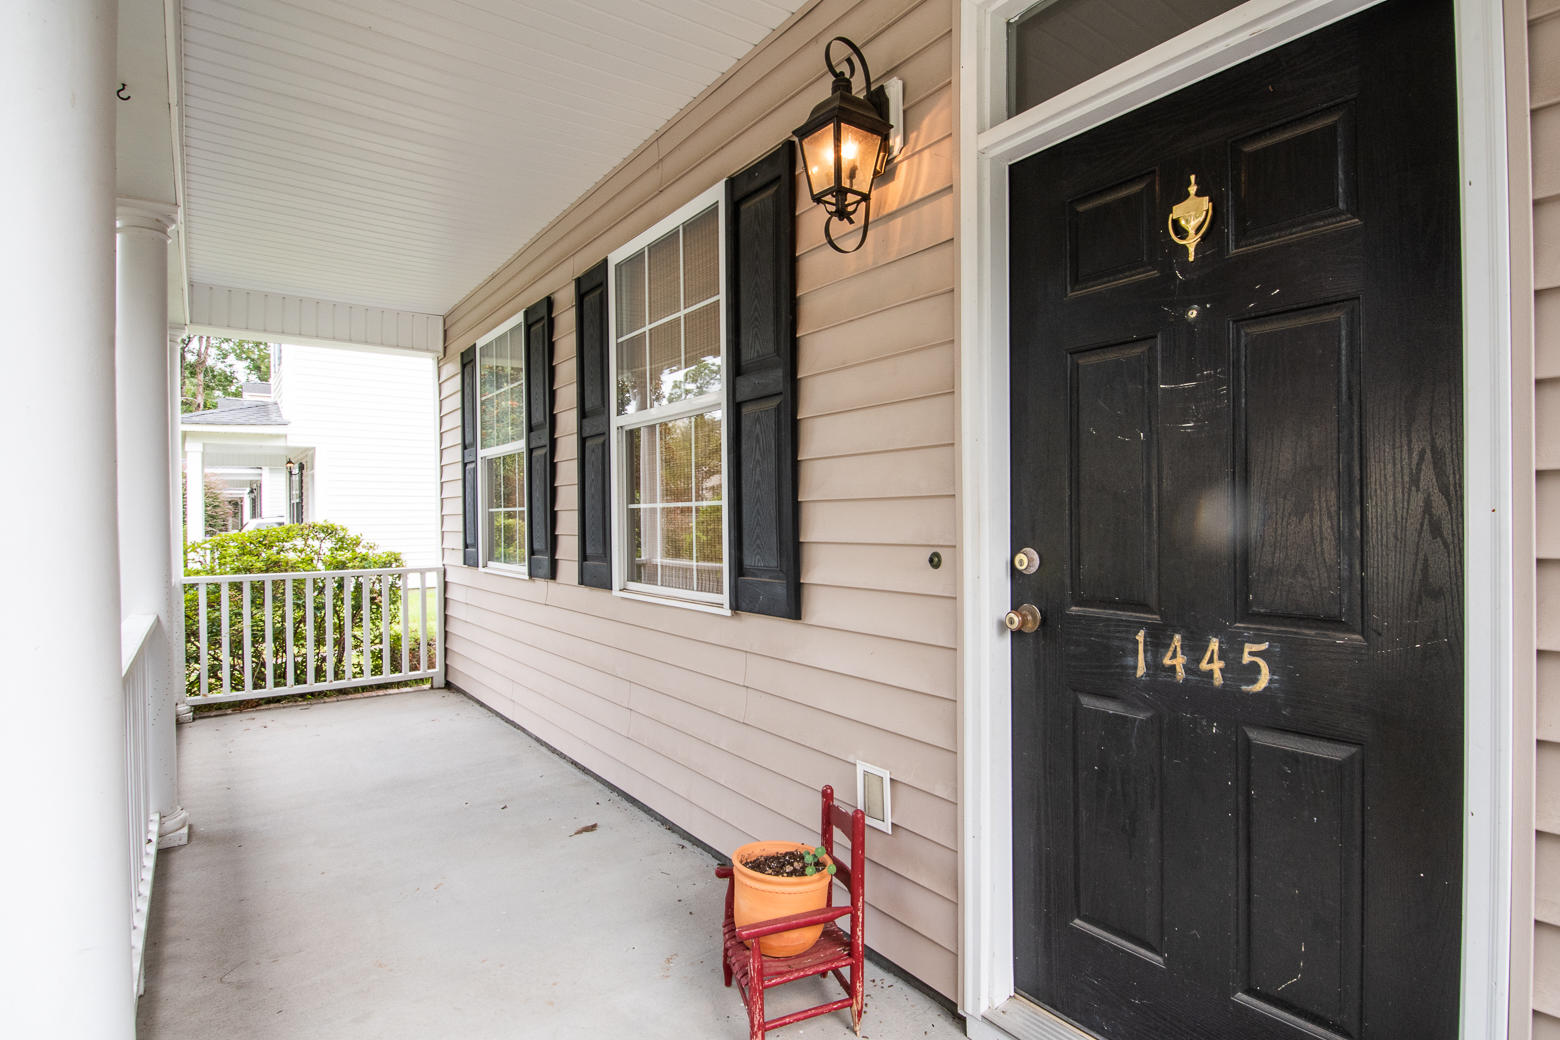 Jamestowne Village Homes For Sale - 1445 Swamp Fox, Charleston, SC - 3